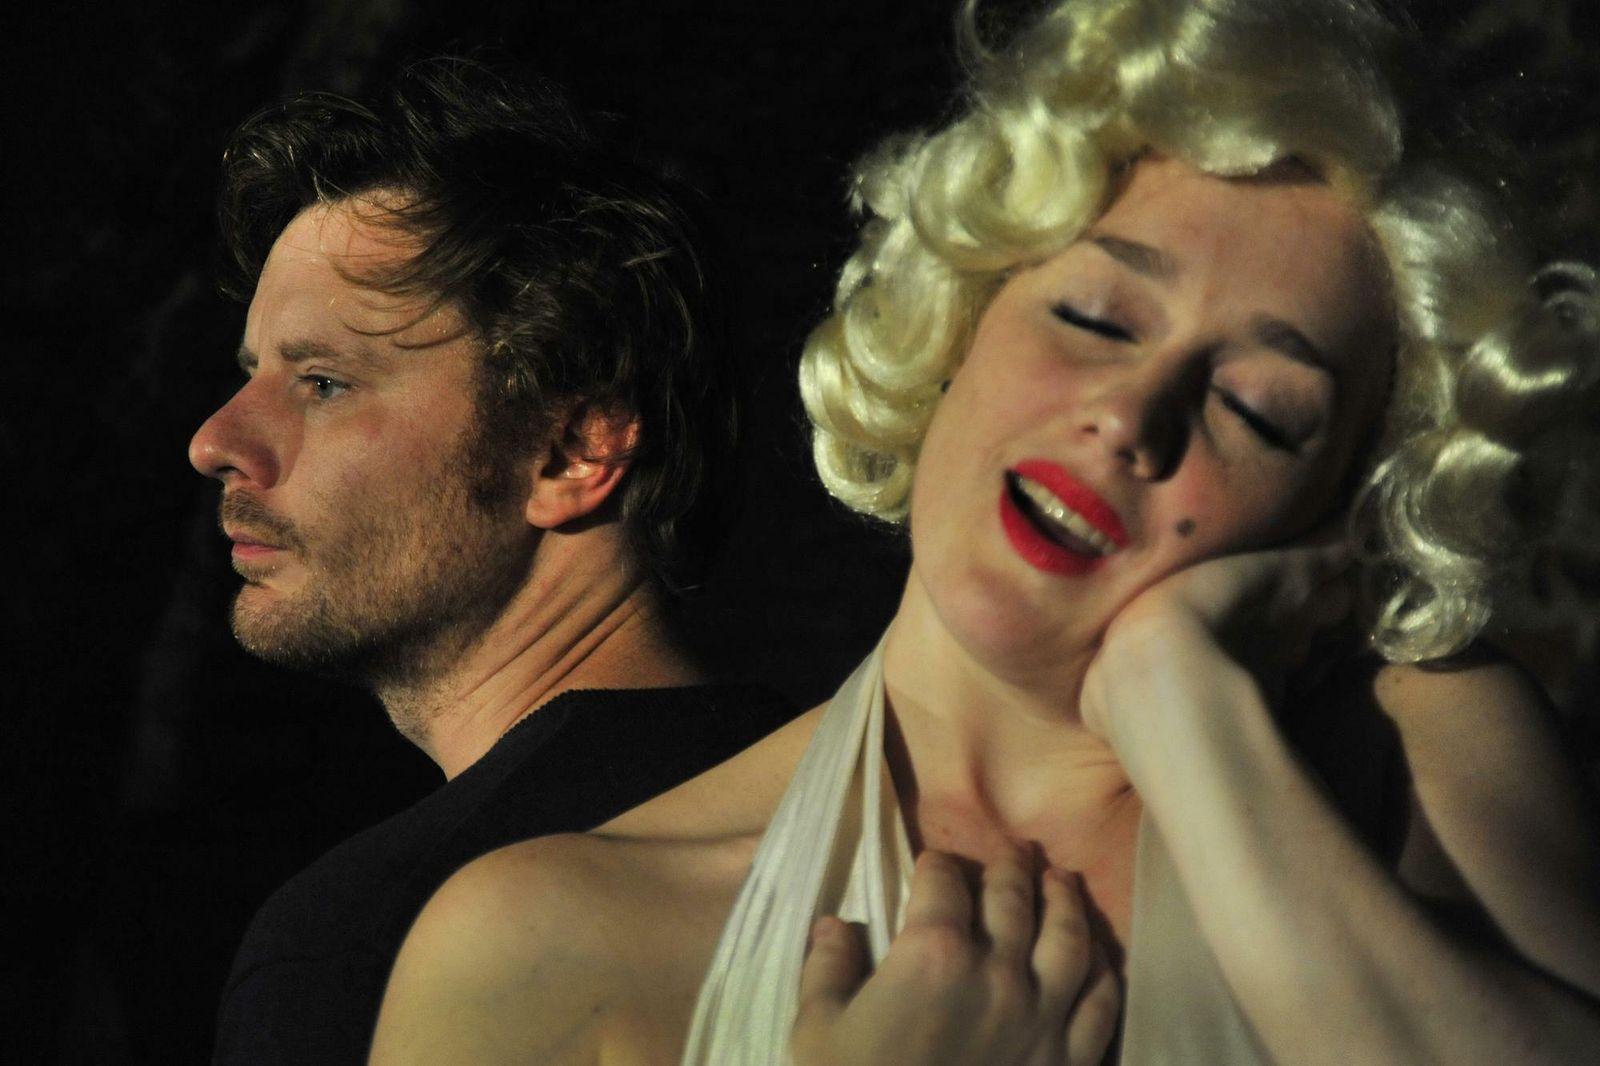 Spal jsem s Marilyn!